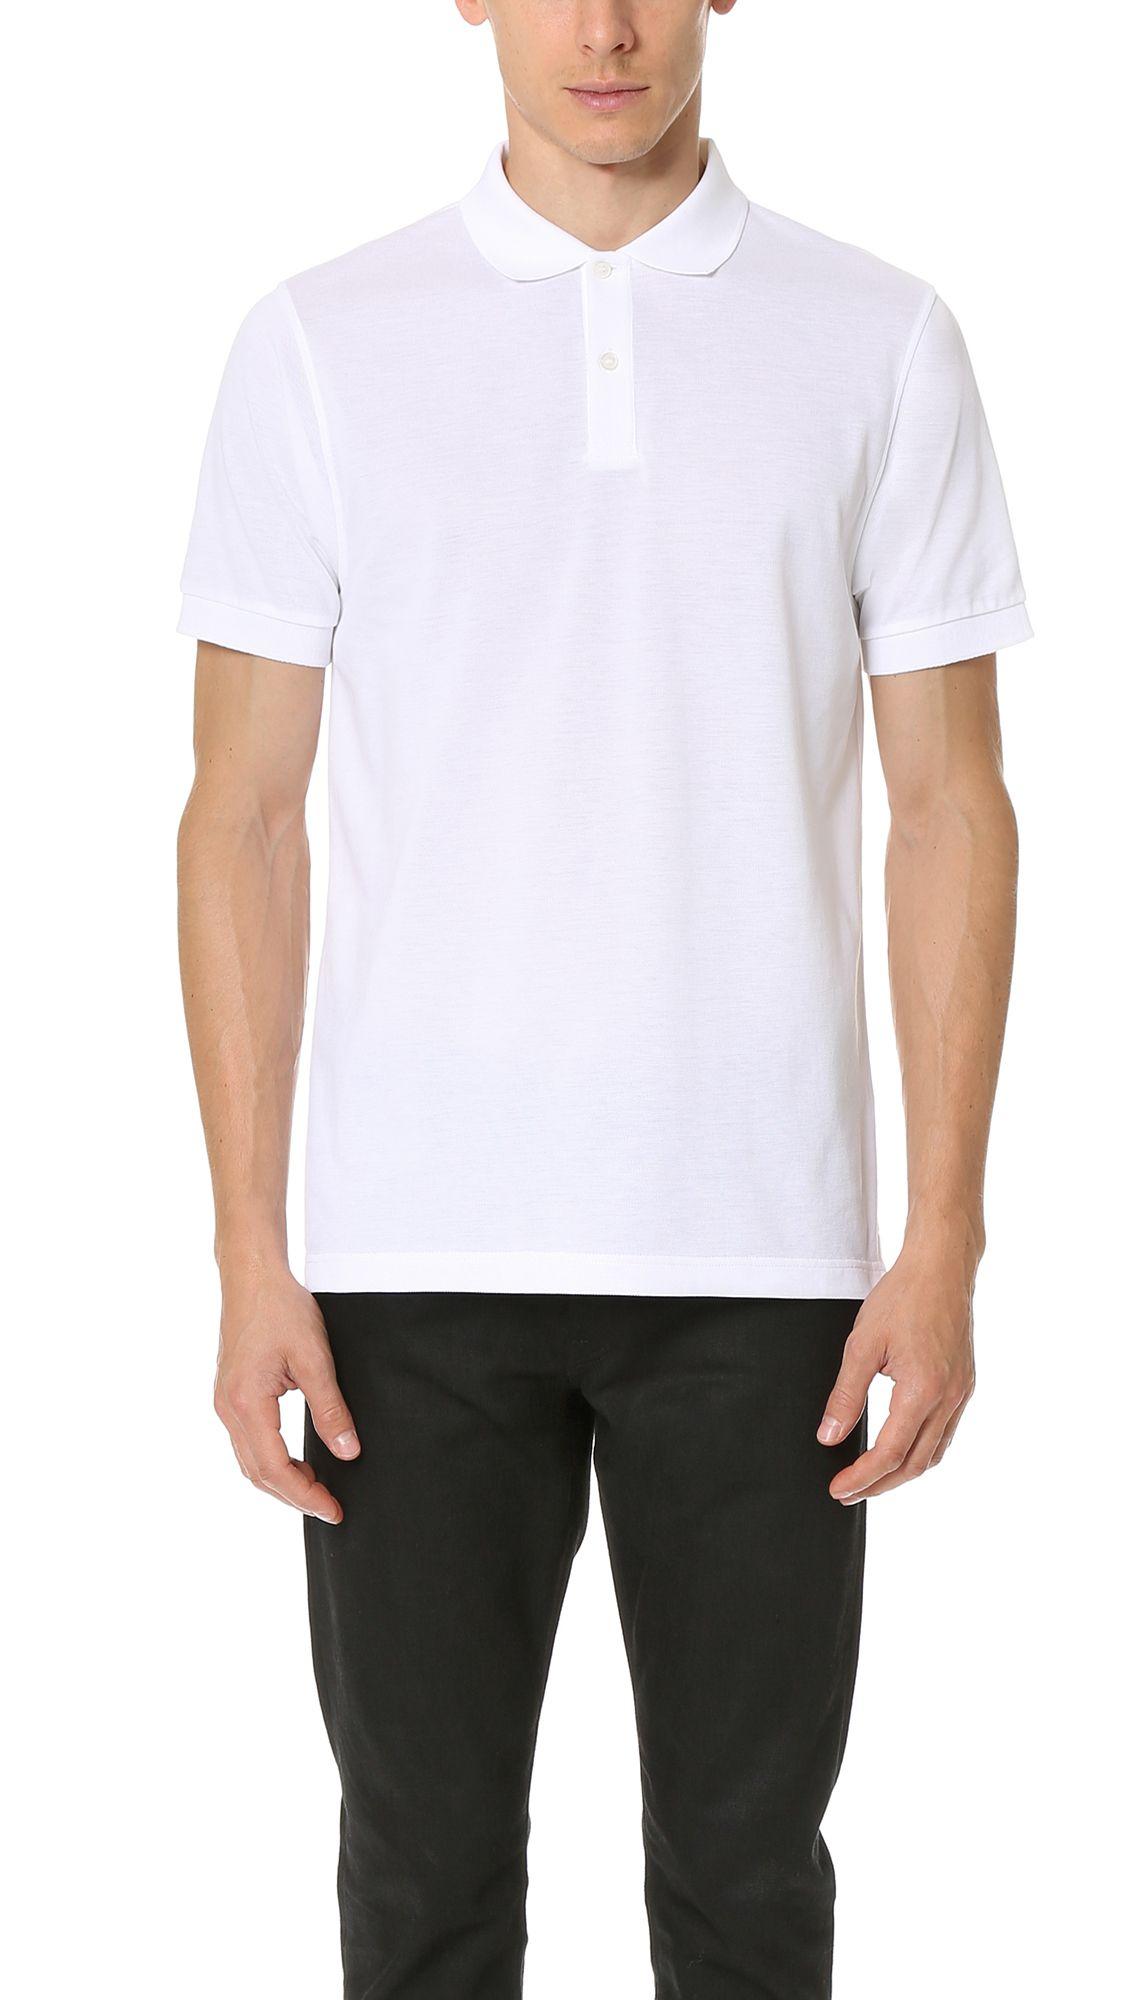 fcf64c82 Sunspel Short Sleeve Pique Polo Shirt. #sunspel #cloth #shirt ...